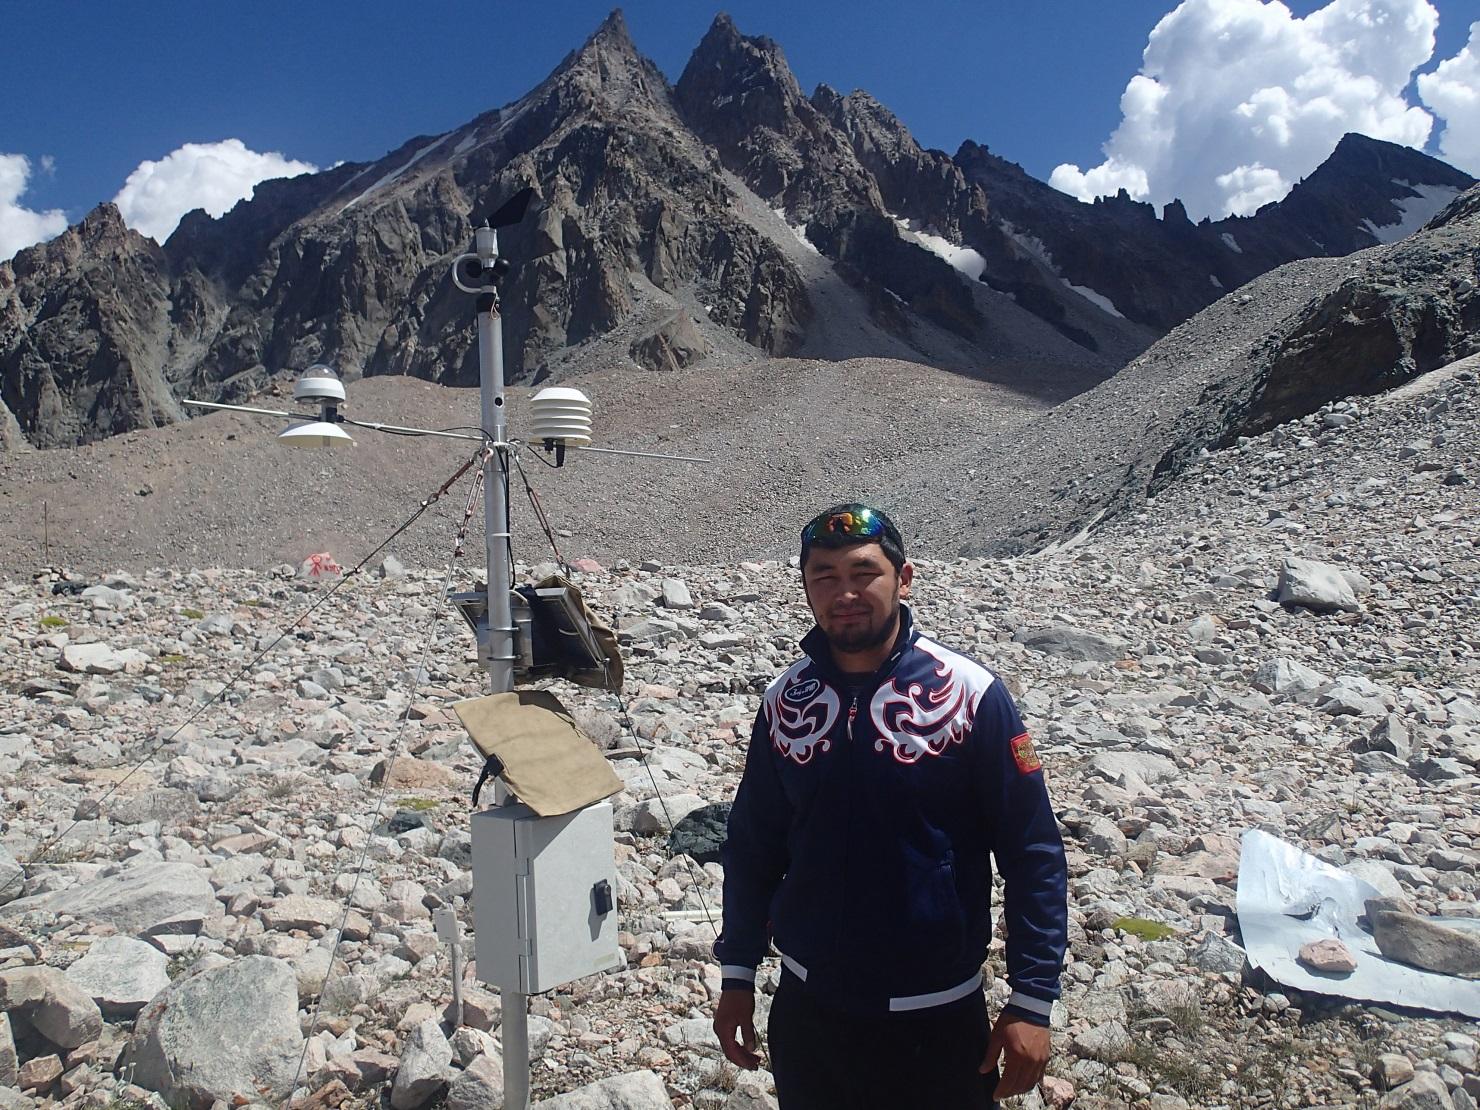 Glacier Kirghizstan Bichkek Nursultan Environnement Réchauffement climatique